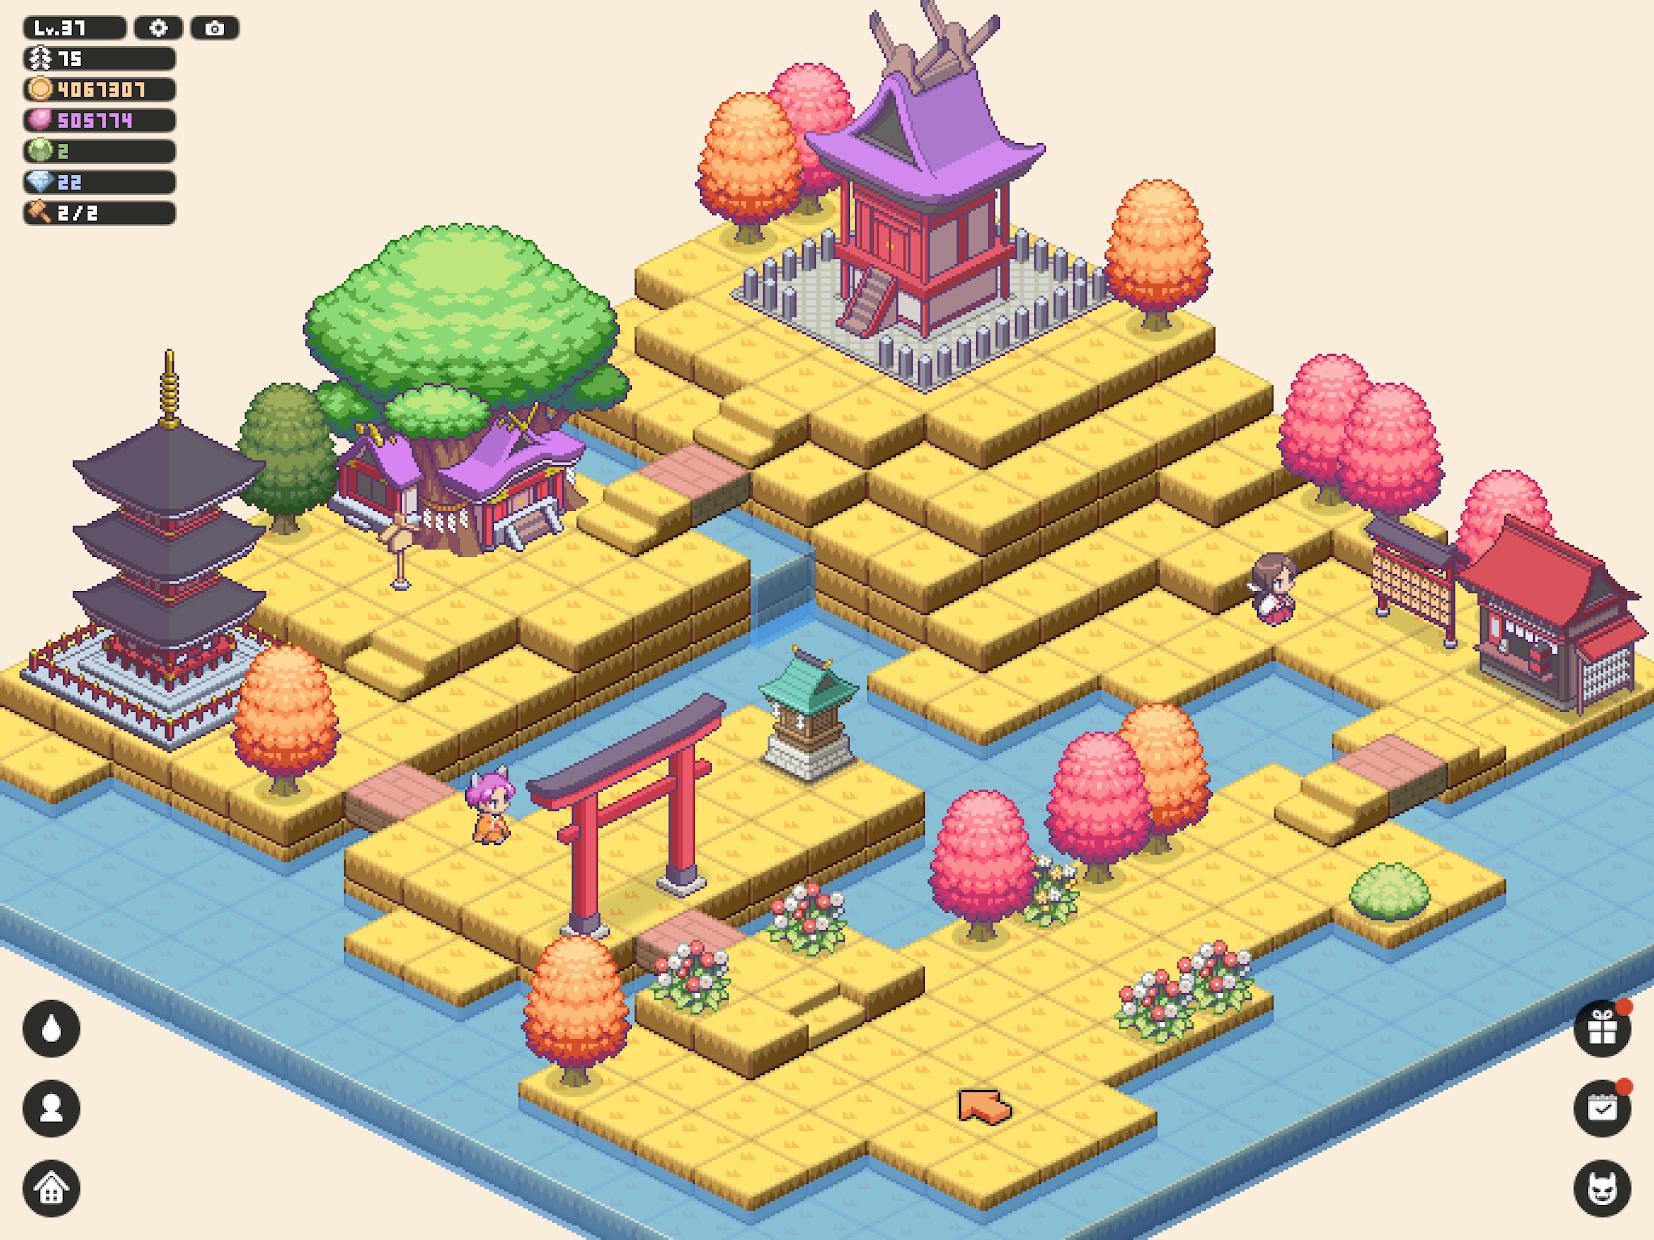 箱庭神社 游戏截图5